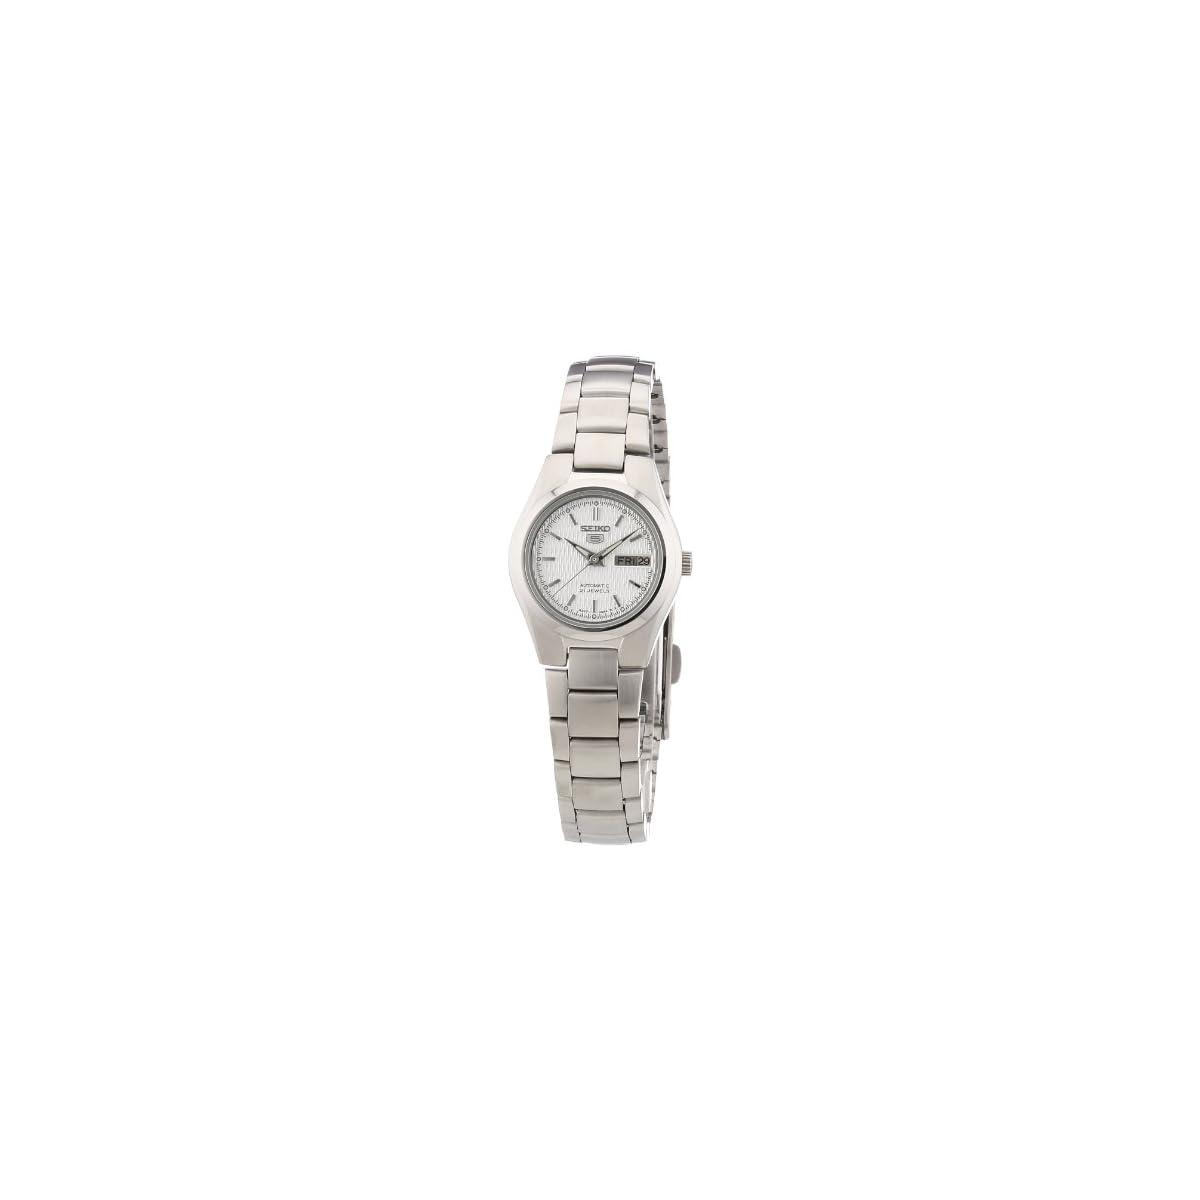 41XbfRGebaL. SS1200  - Seiko Reloj Analógico Automático para Mujer con Correa de Acero Inoxidable - SYMC07K1